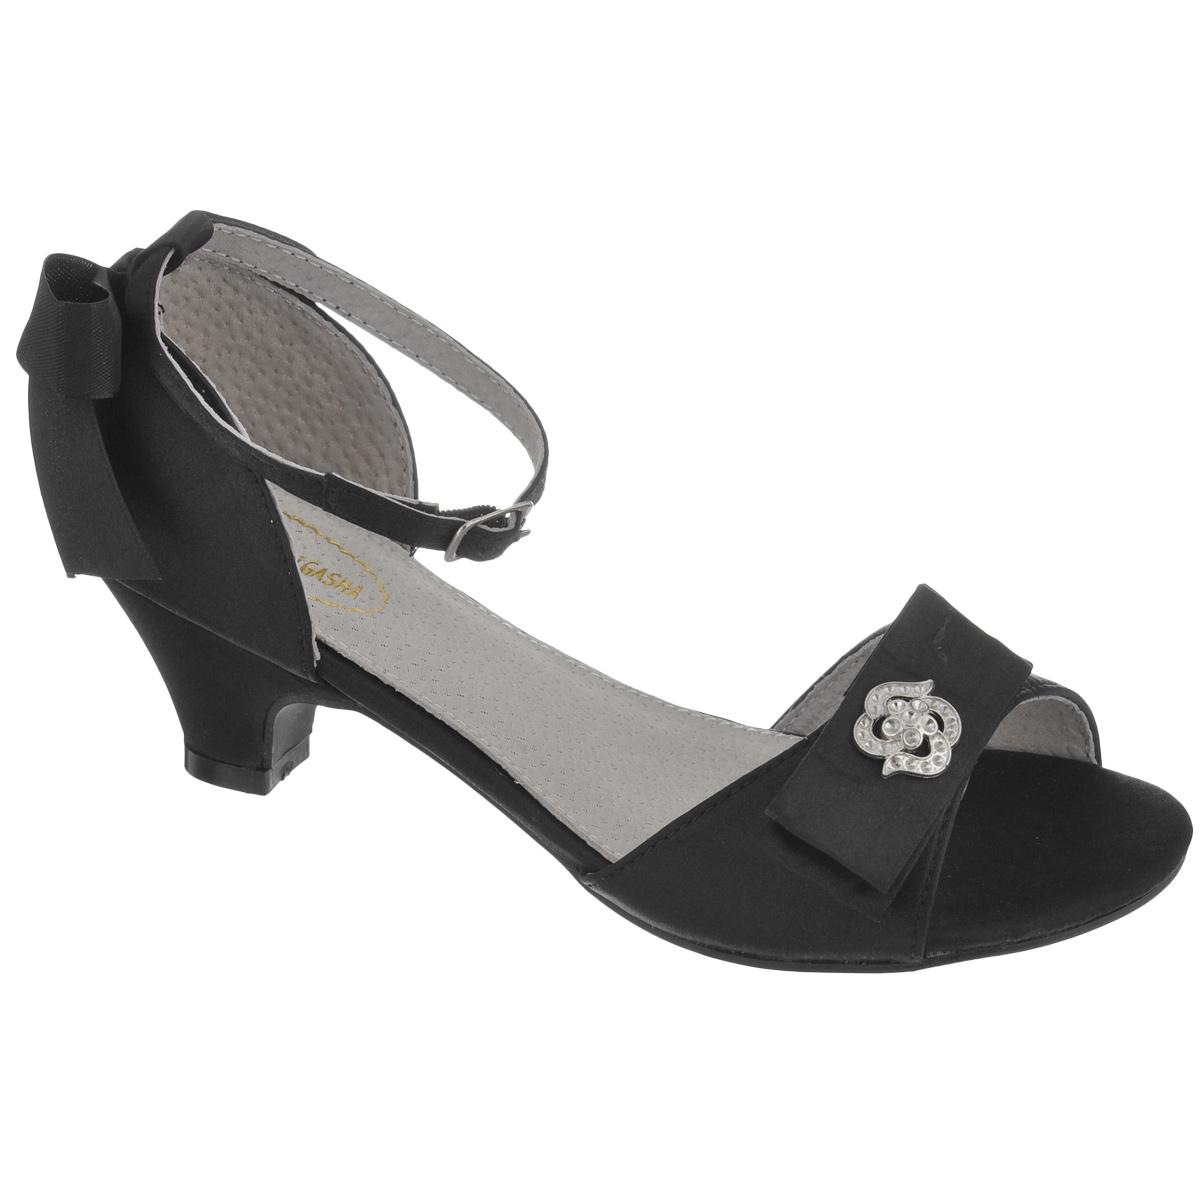 Босоножки000340070Стильные босоножки от Аллигаша придутся по душе вашей юной моднице и идеально подойдут как для повседневной носки, так и для торжественного случая! Модель на невысоком каблуке выполнена из текстиля. Мыс украшен двойным бантиком, дополненным изящной брошкой. Задняя часть обуви оформлена очаровательным бантом. Внутренняя отделка исполнена из натуральной кожи. Ремешок с металлической пряжкой прямоугольной формы надежно зафиксирует модель на ножке. Длина ремешка регулируется за счет болта. Мягкая стелька из кожи комфортна при движении. Подошва и каблук оснащены противоскользящим рифлением. Модные босоножки - незаменимая вещь в гардеробе каждой девочки!